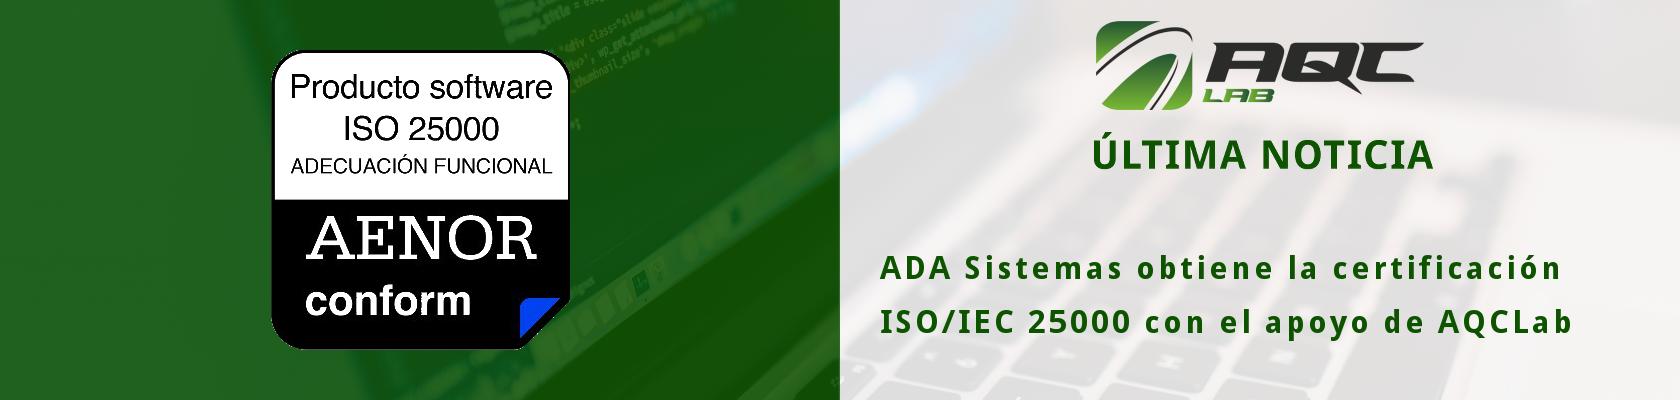 [NOVIEMBRE 2016] ADA Sistemas obtiene la certificación ISO/IEC 25000 con el apoyo de AQCLab.